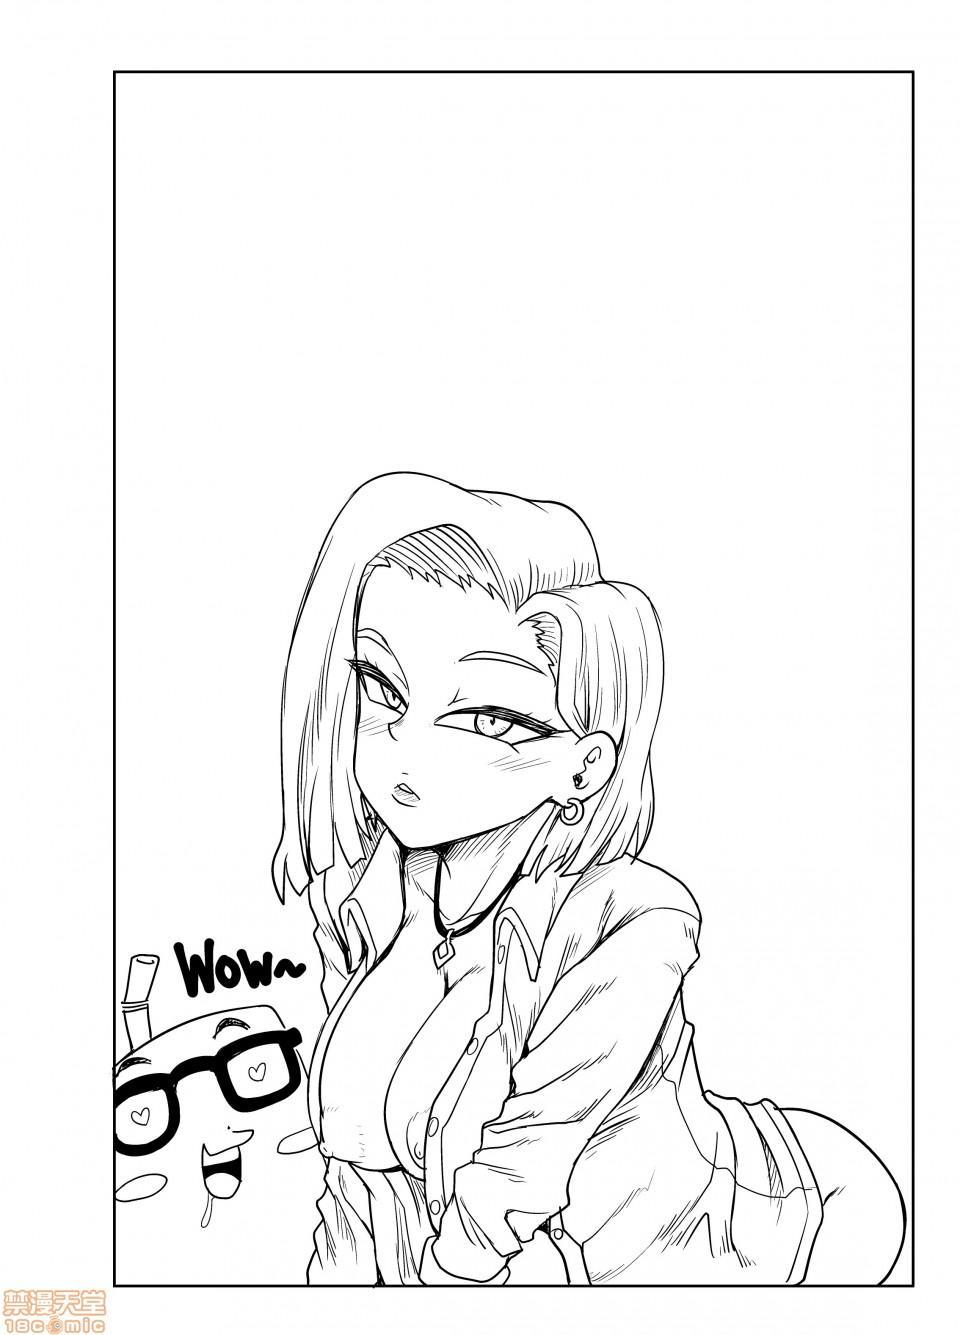 性欲に勝てないオンナ(人造人間)+ フルカラー4ページ漫画(ラフタリア&ツナデ) 70